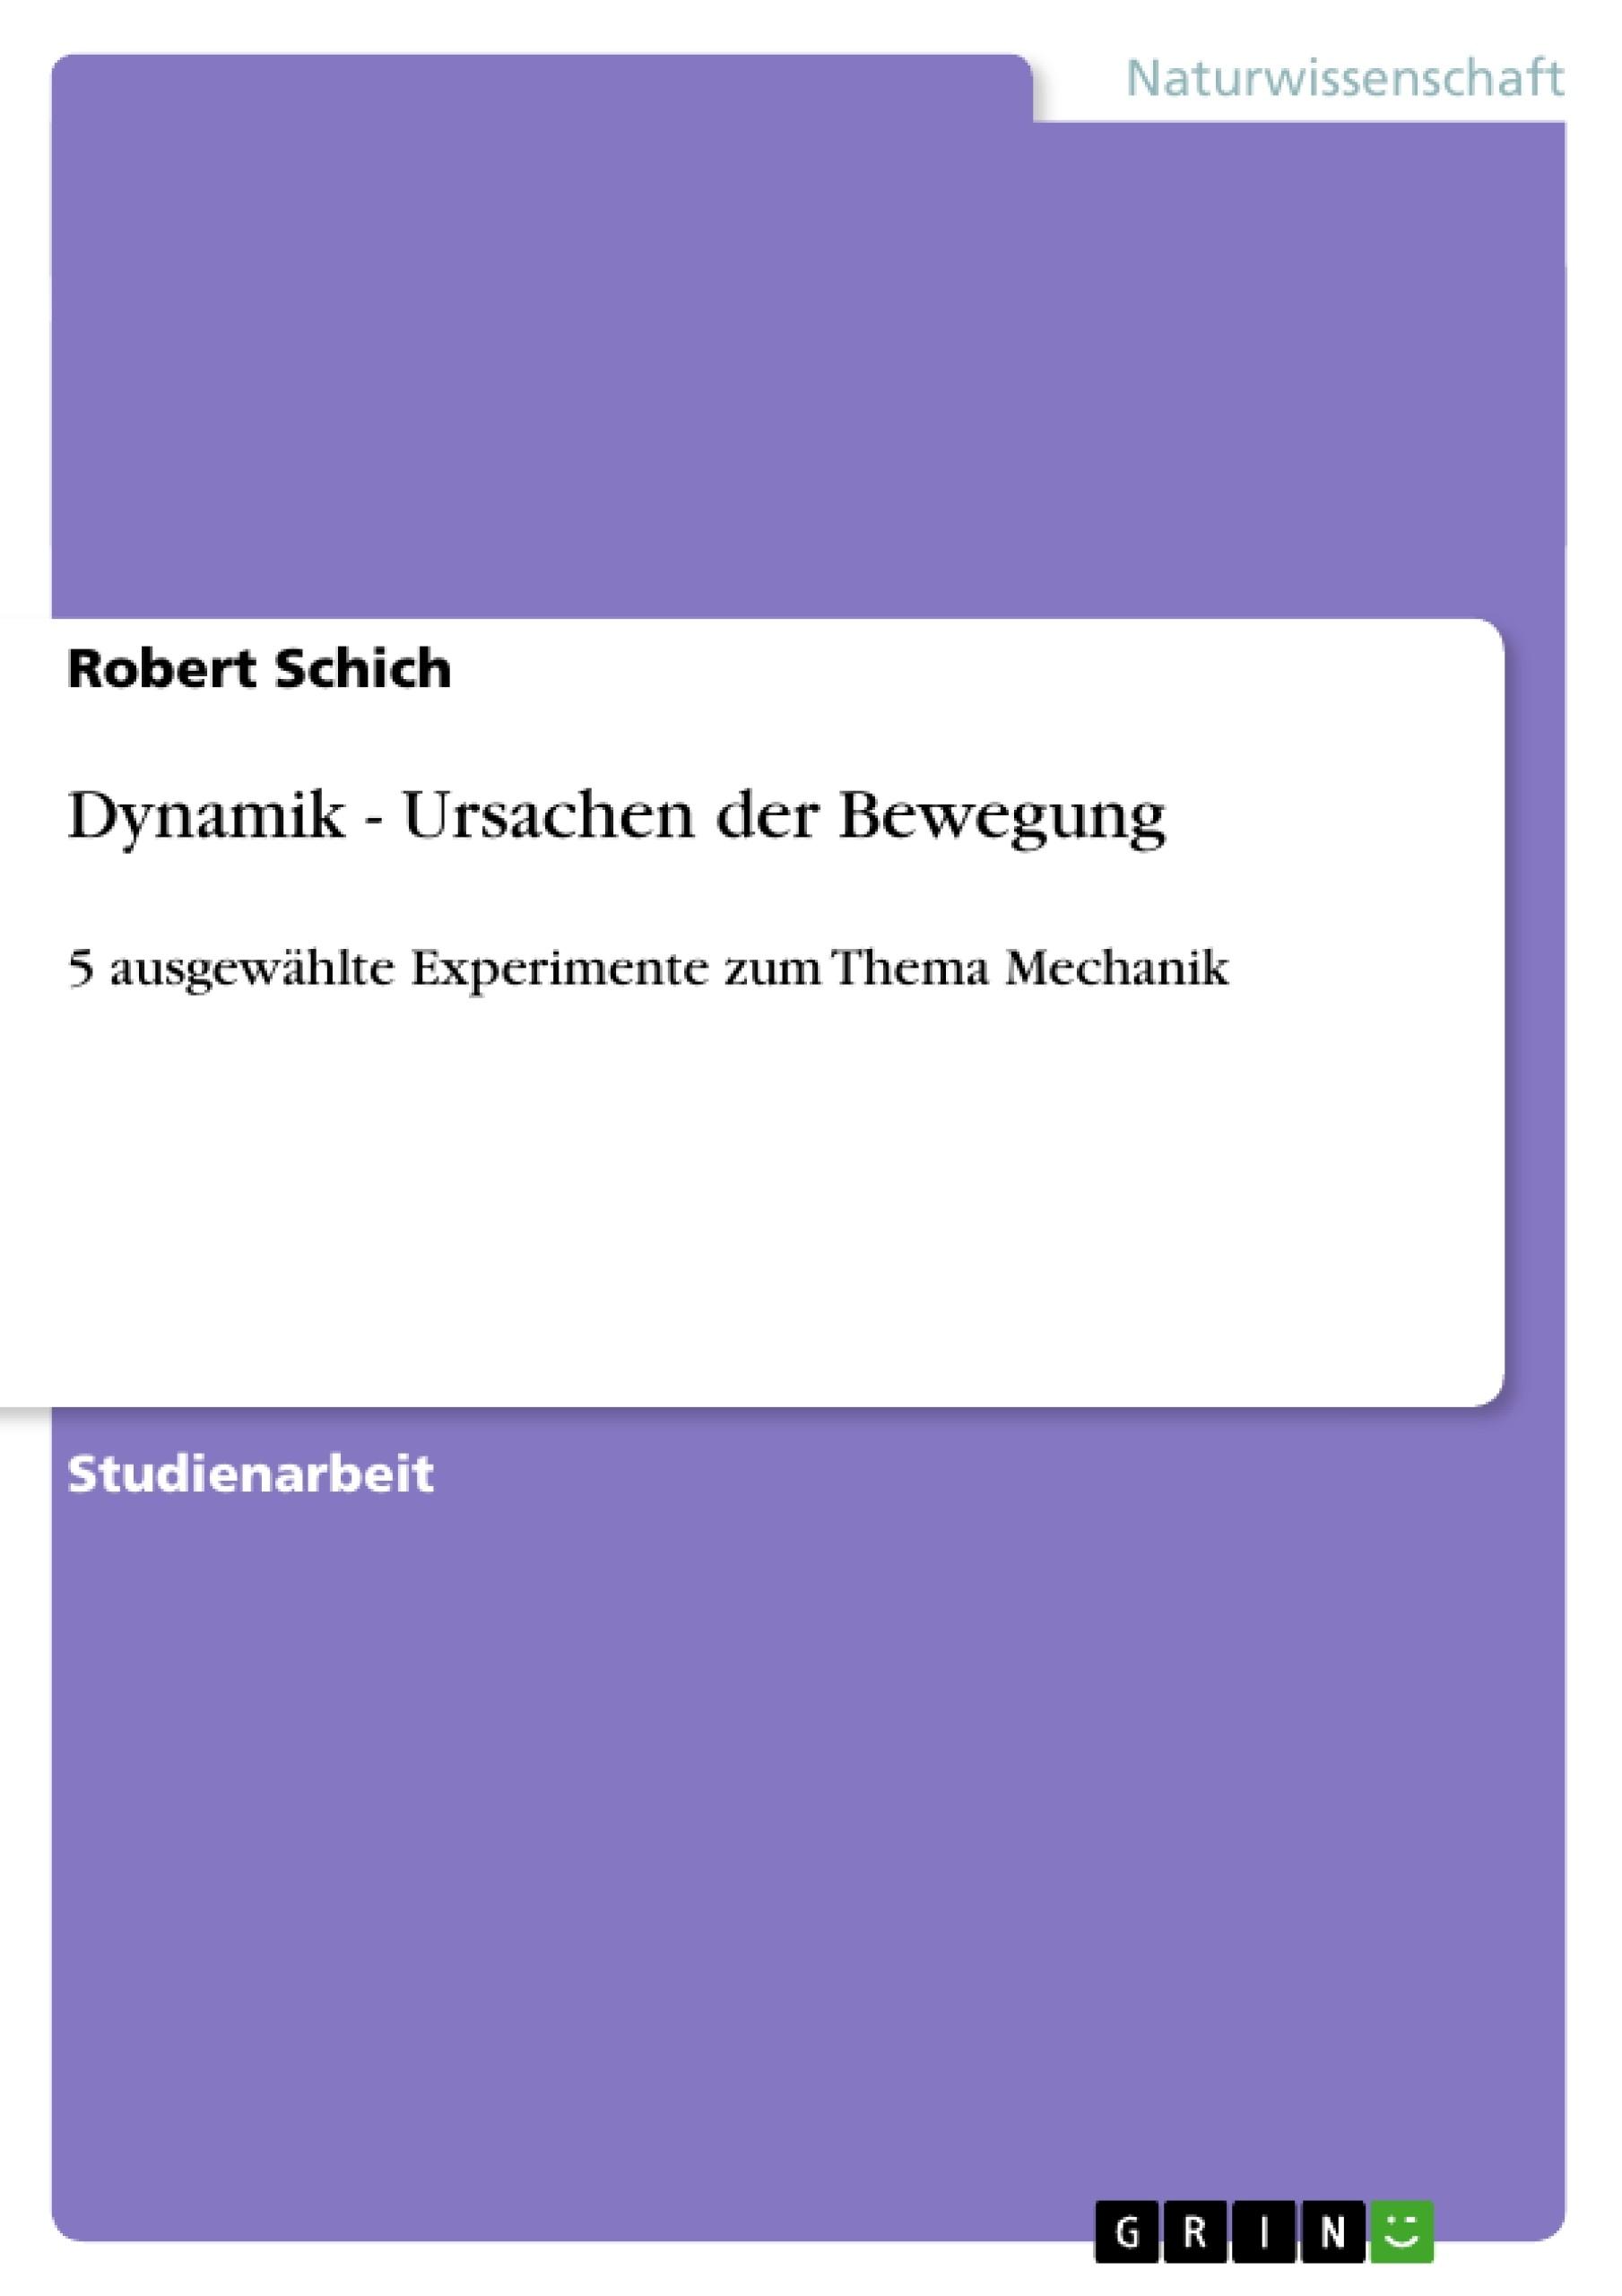 Titel: Dynamik - Ursachen der Bewegung